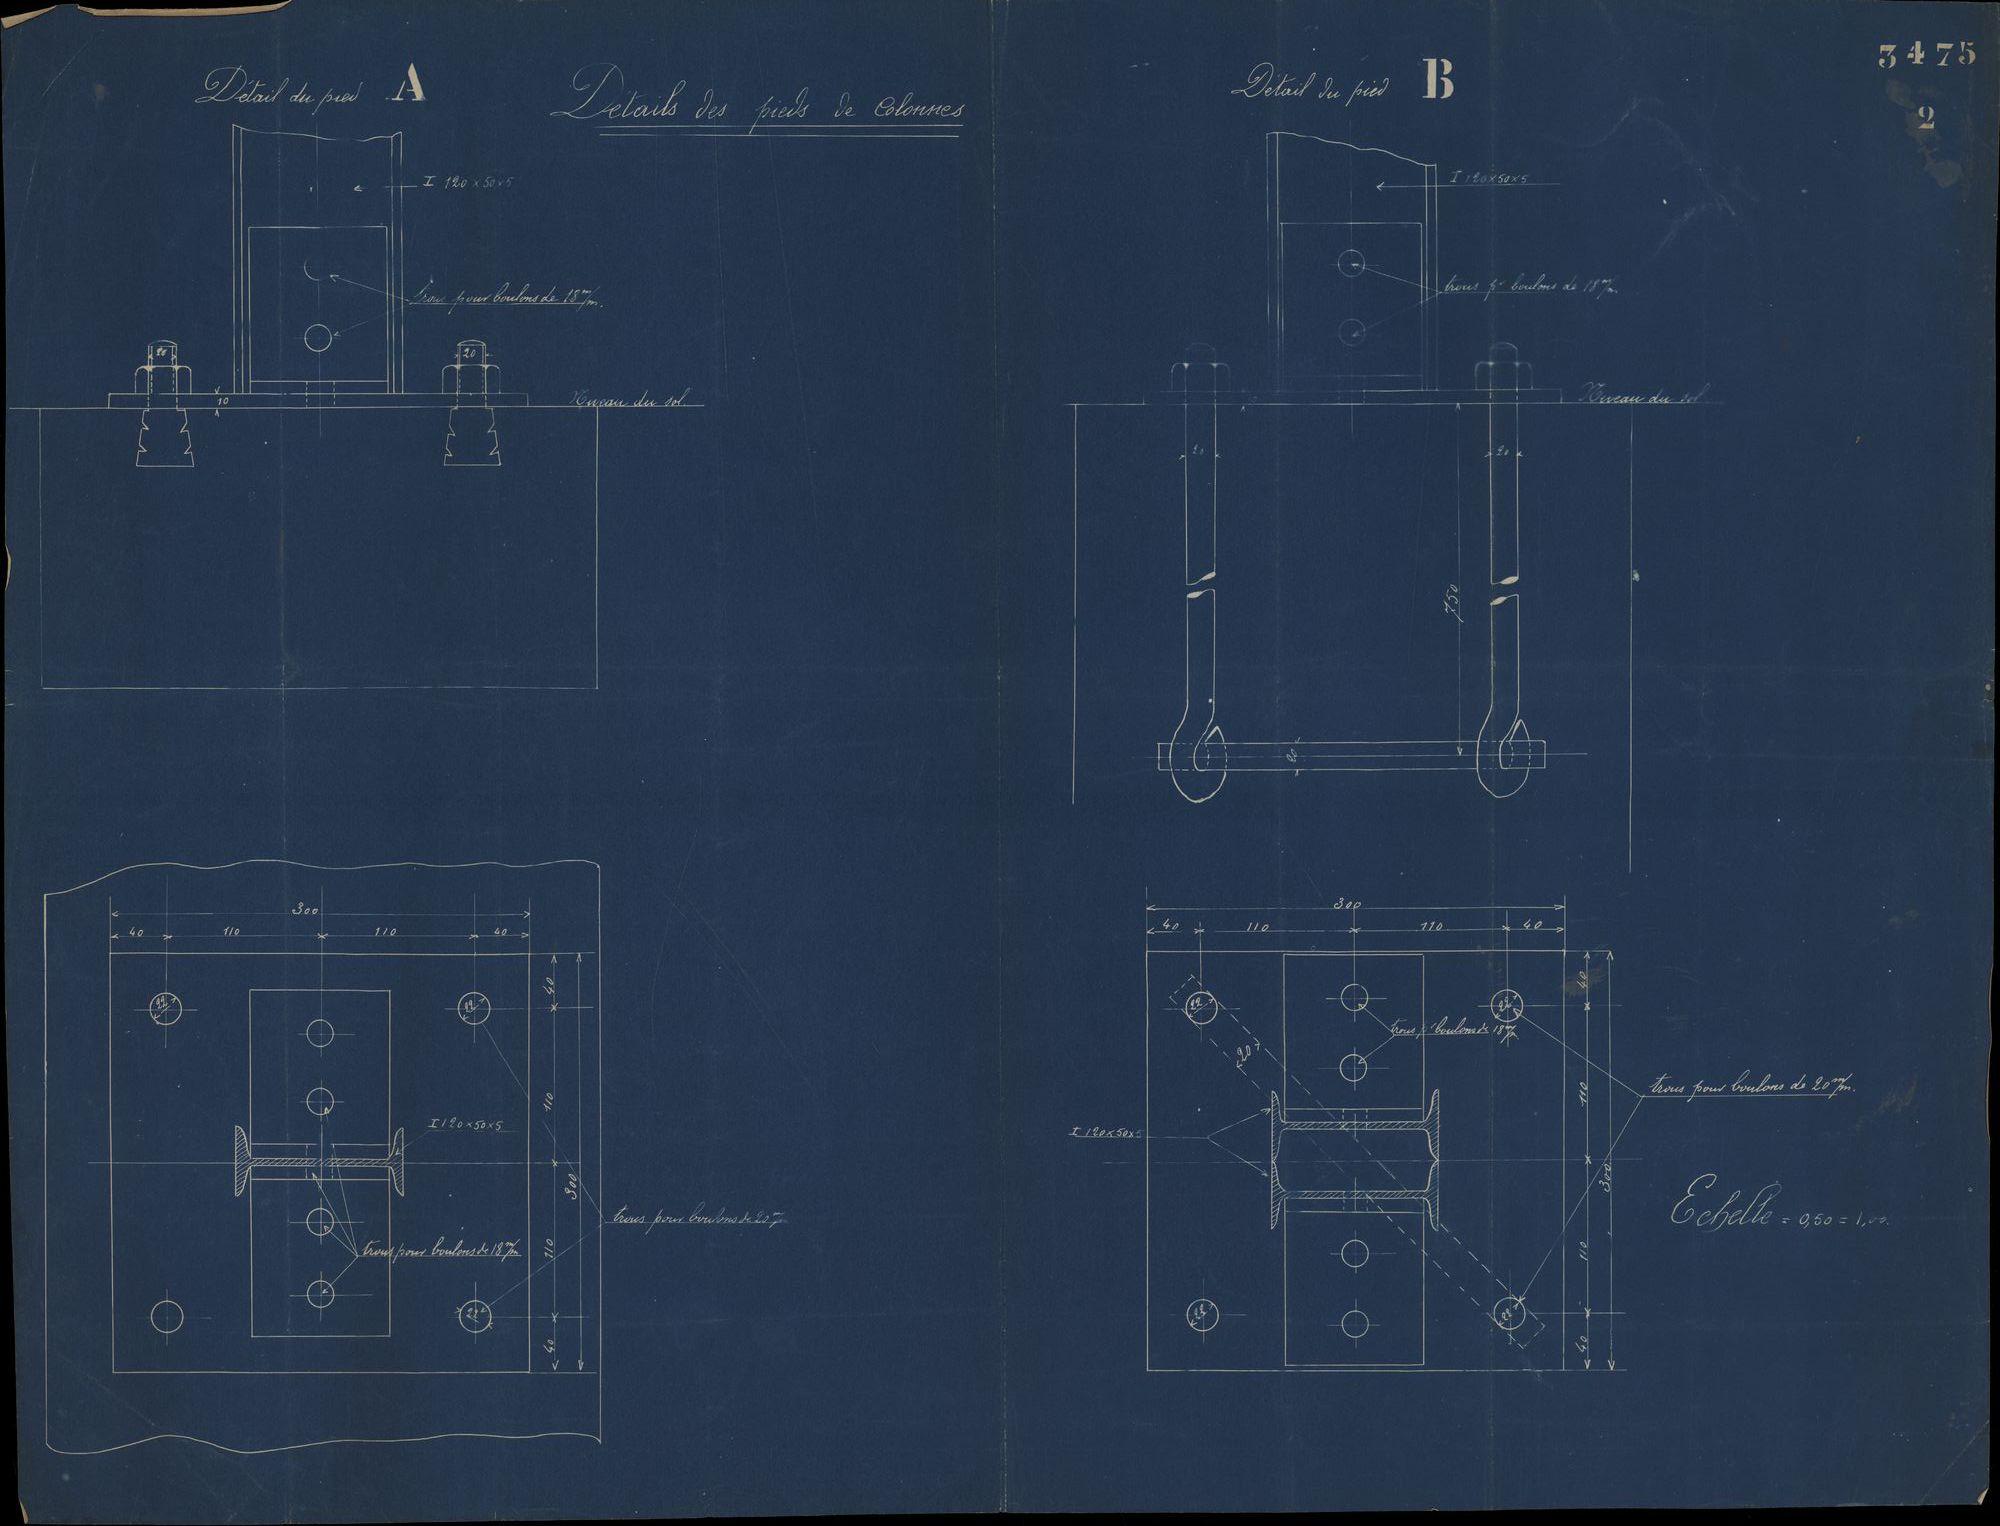 Bouwplan van ijzeren steunen voor de overdekte markt te Kortrijk, 19de eeuw